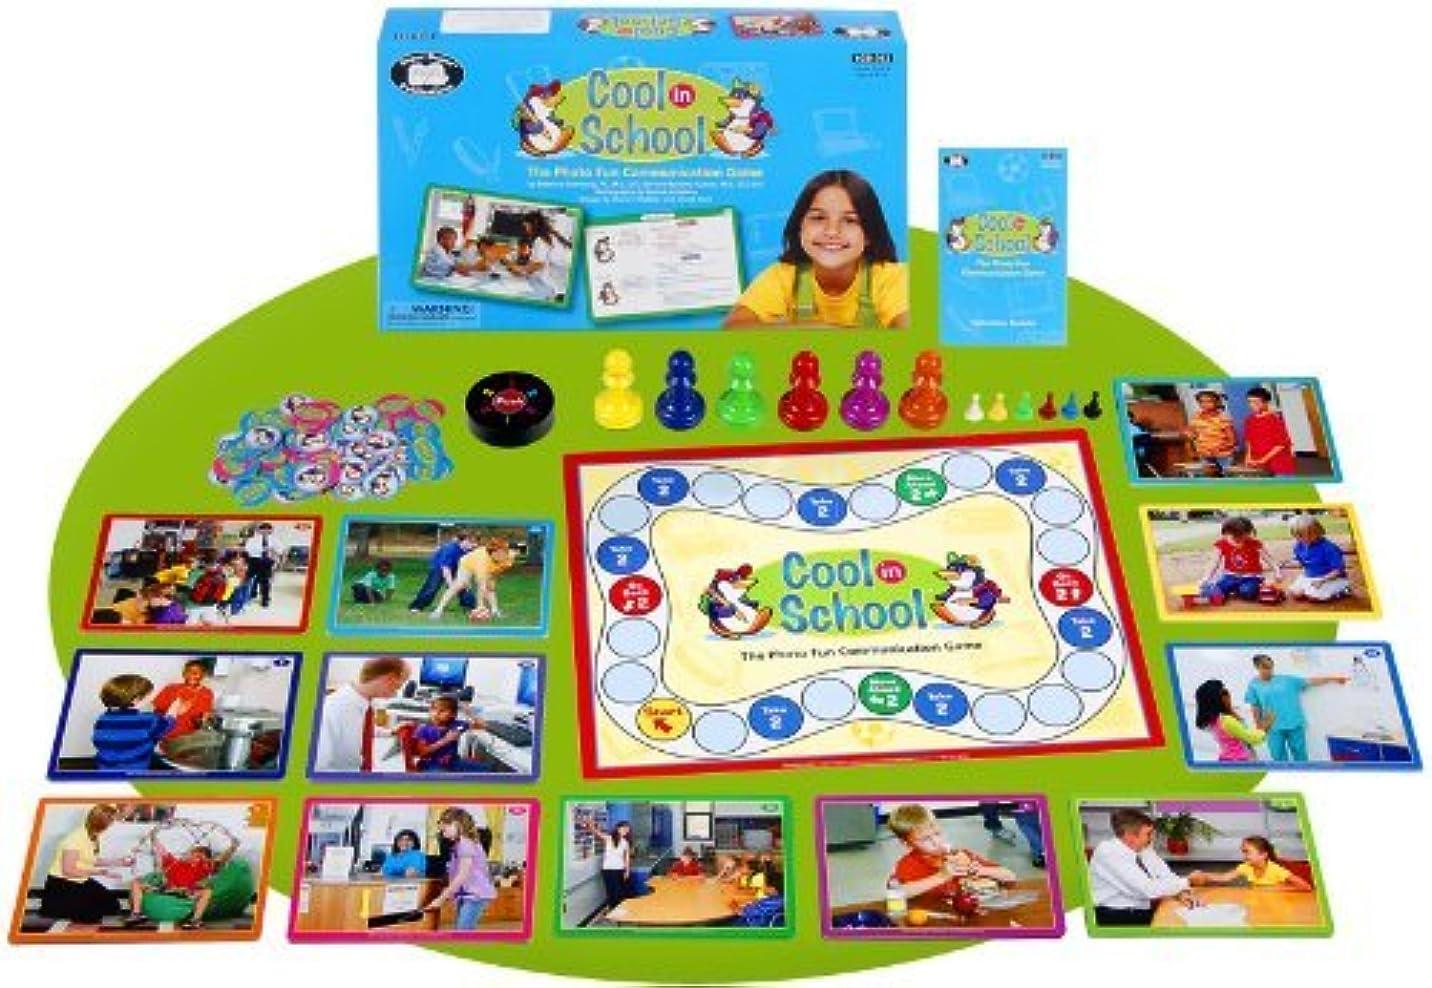 コンプライアンスファンネルウェブスパイダー図Cool in School Electronic Spinner Board Game - Super Duper Educational Learning Toy for Kids - Autism Awareness Month Special [並行輸入品]